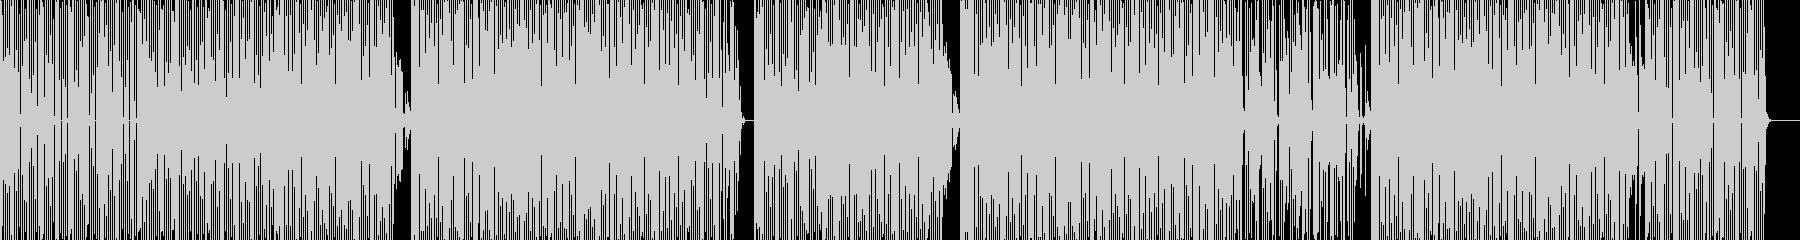 クイズ番組にピッタリな音楽/BGMの未再生の波形